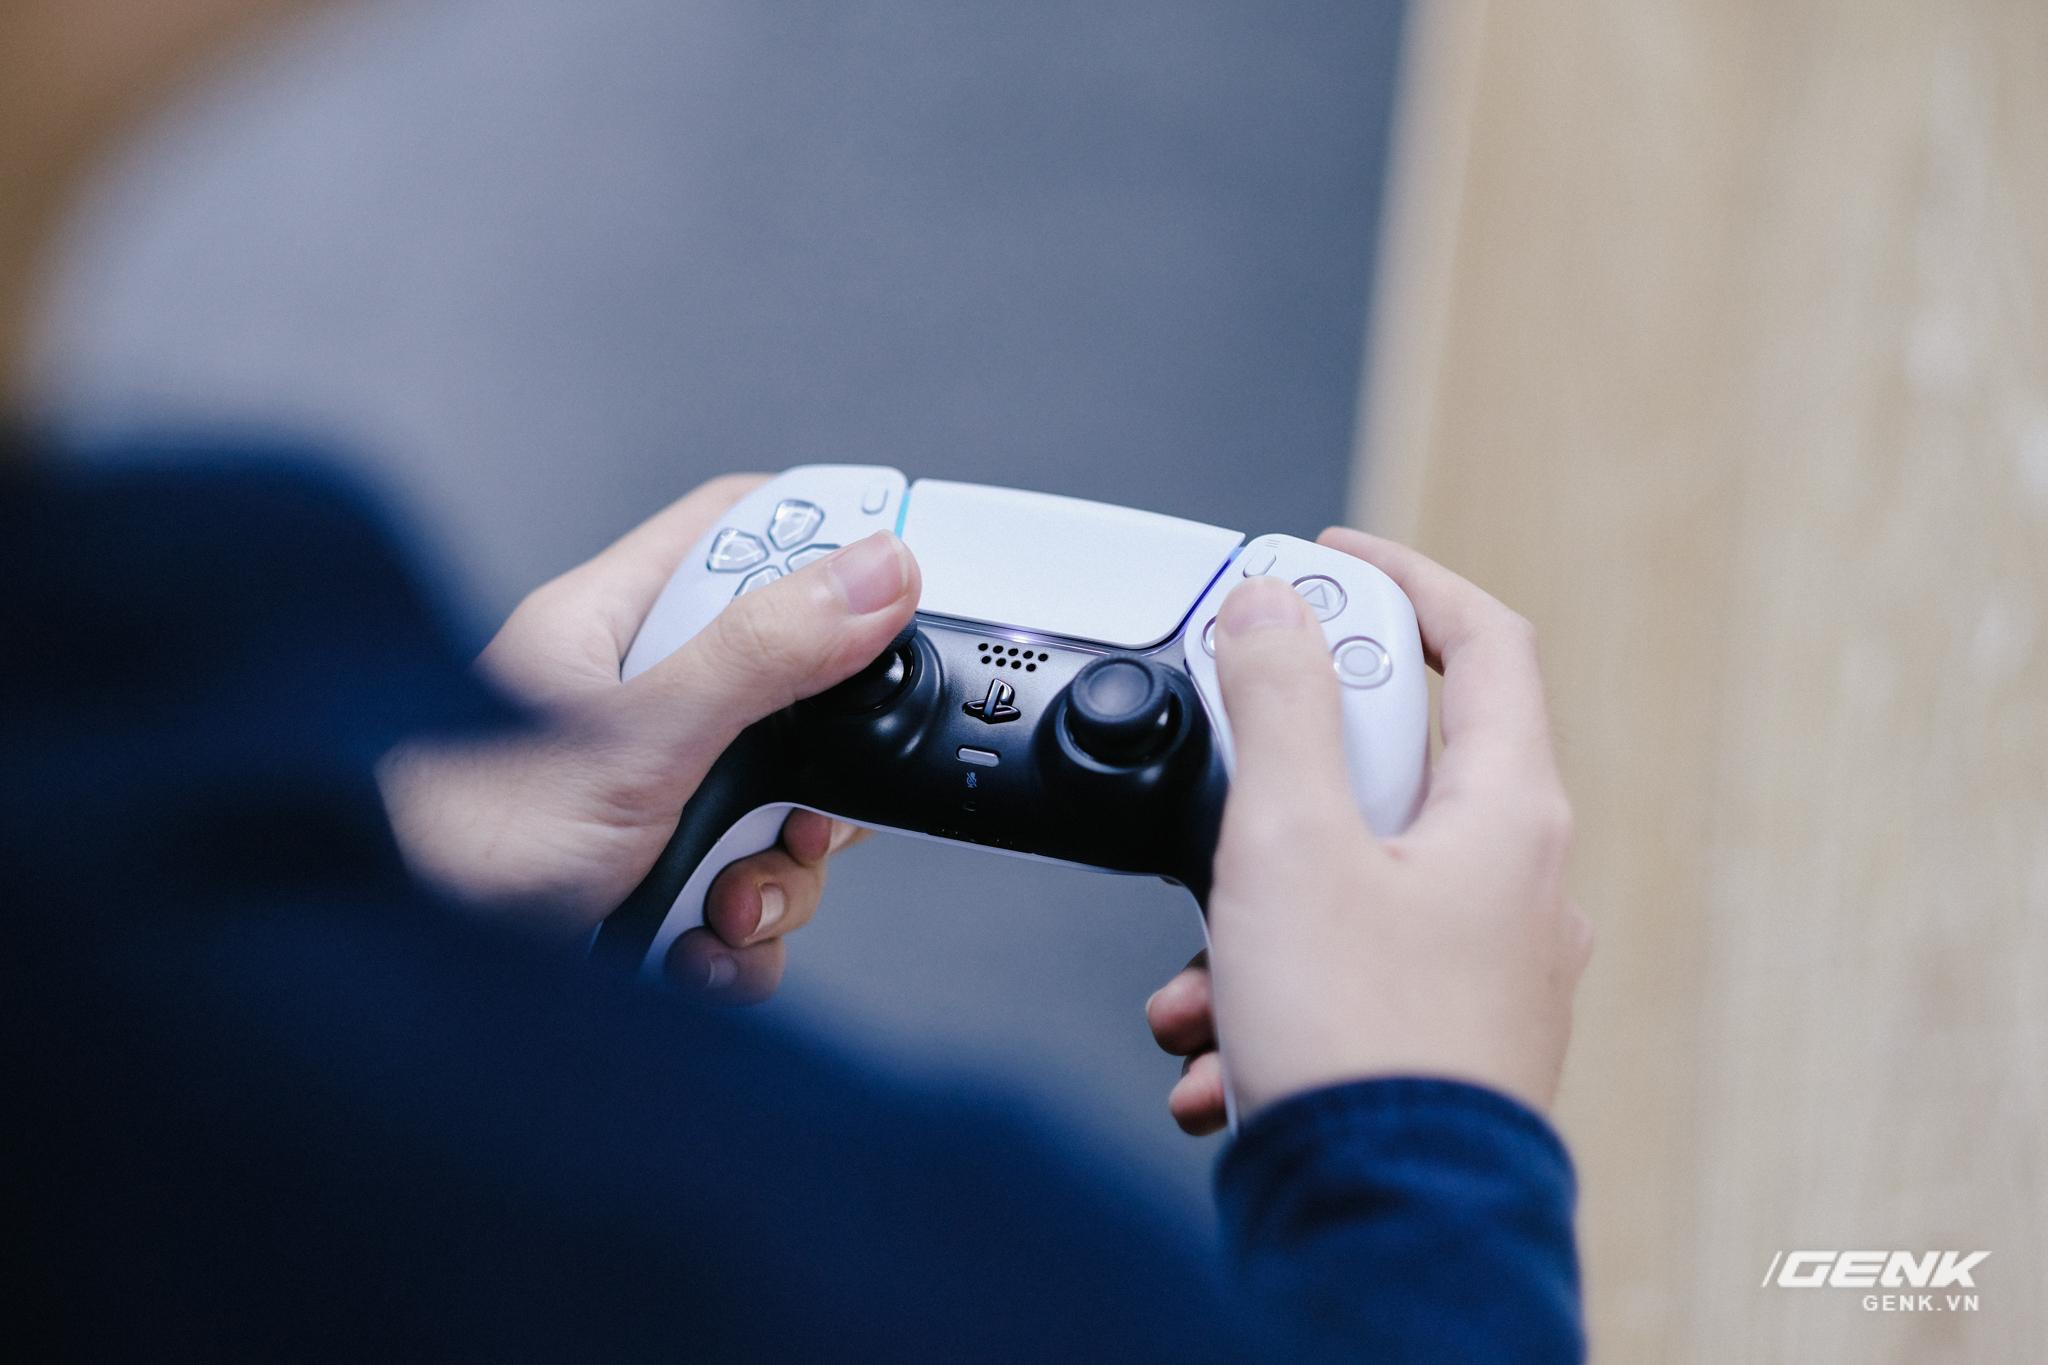 Mở hộp Playstation 5 chính hãng bán tại VN: Cấu hình mạnh, tay cầm xịn, mỗi tội phải mua bia kèm lạc - Ảnh 13.